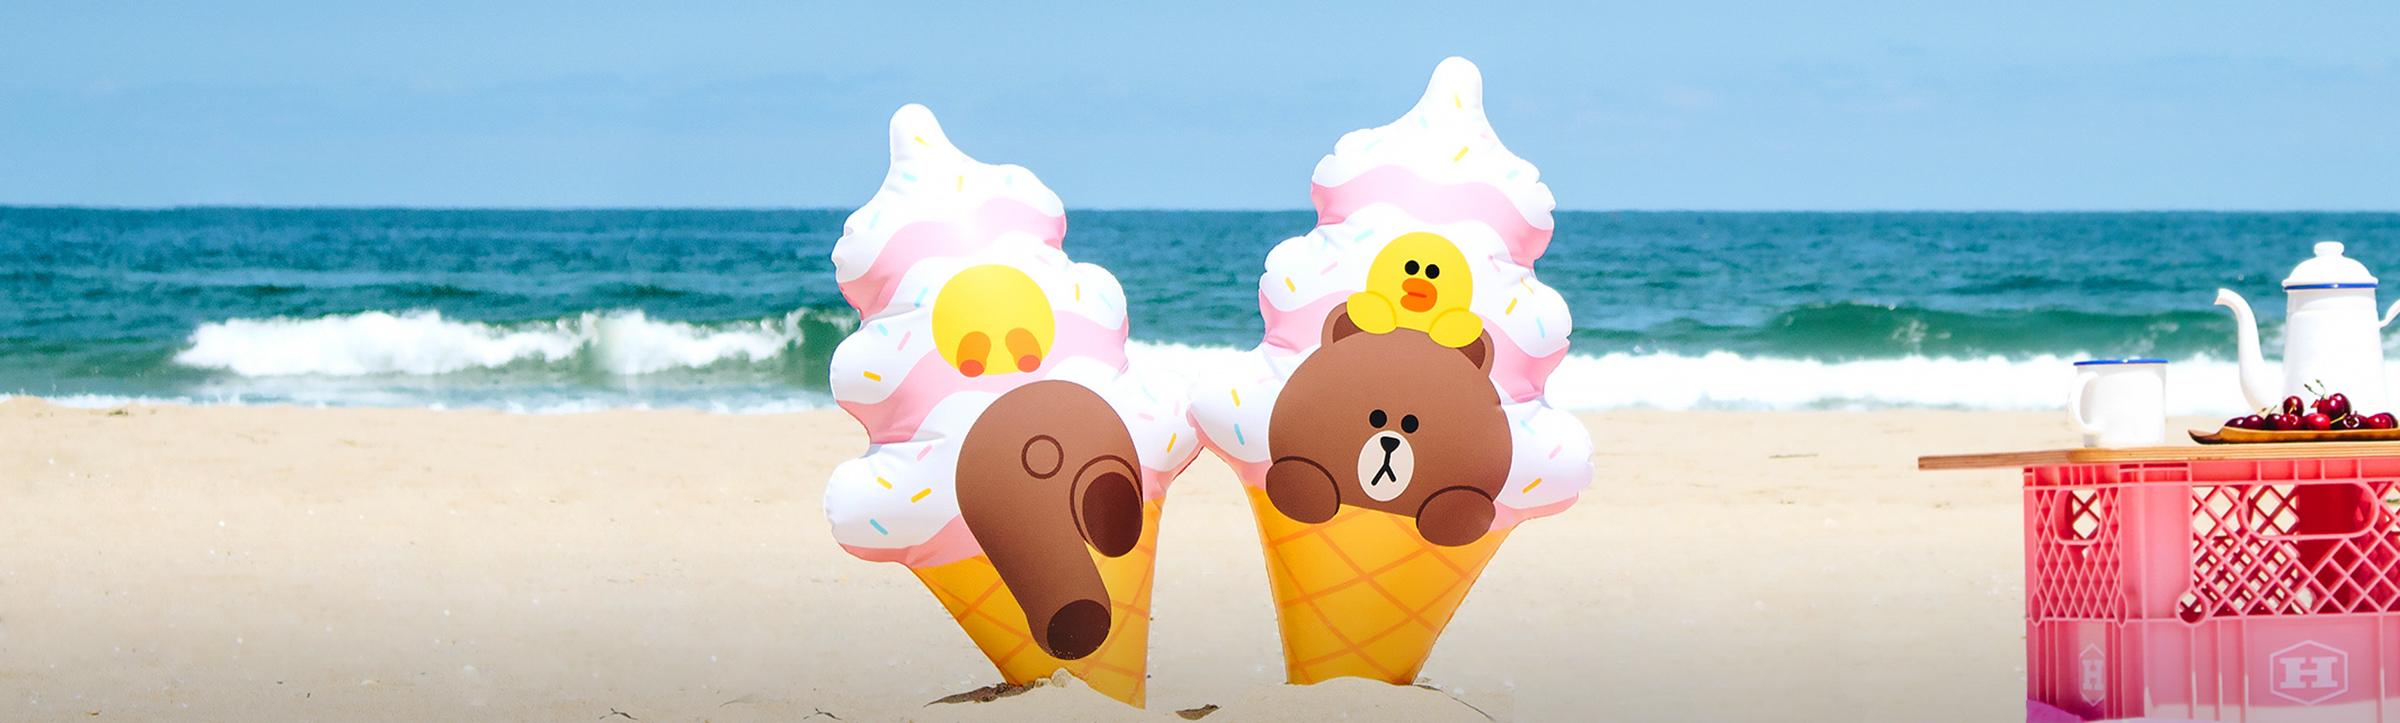 아이스크림 튜브 타고 둥둥!